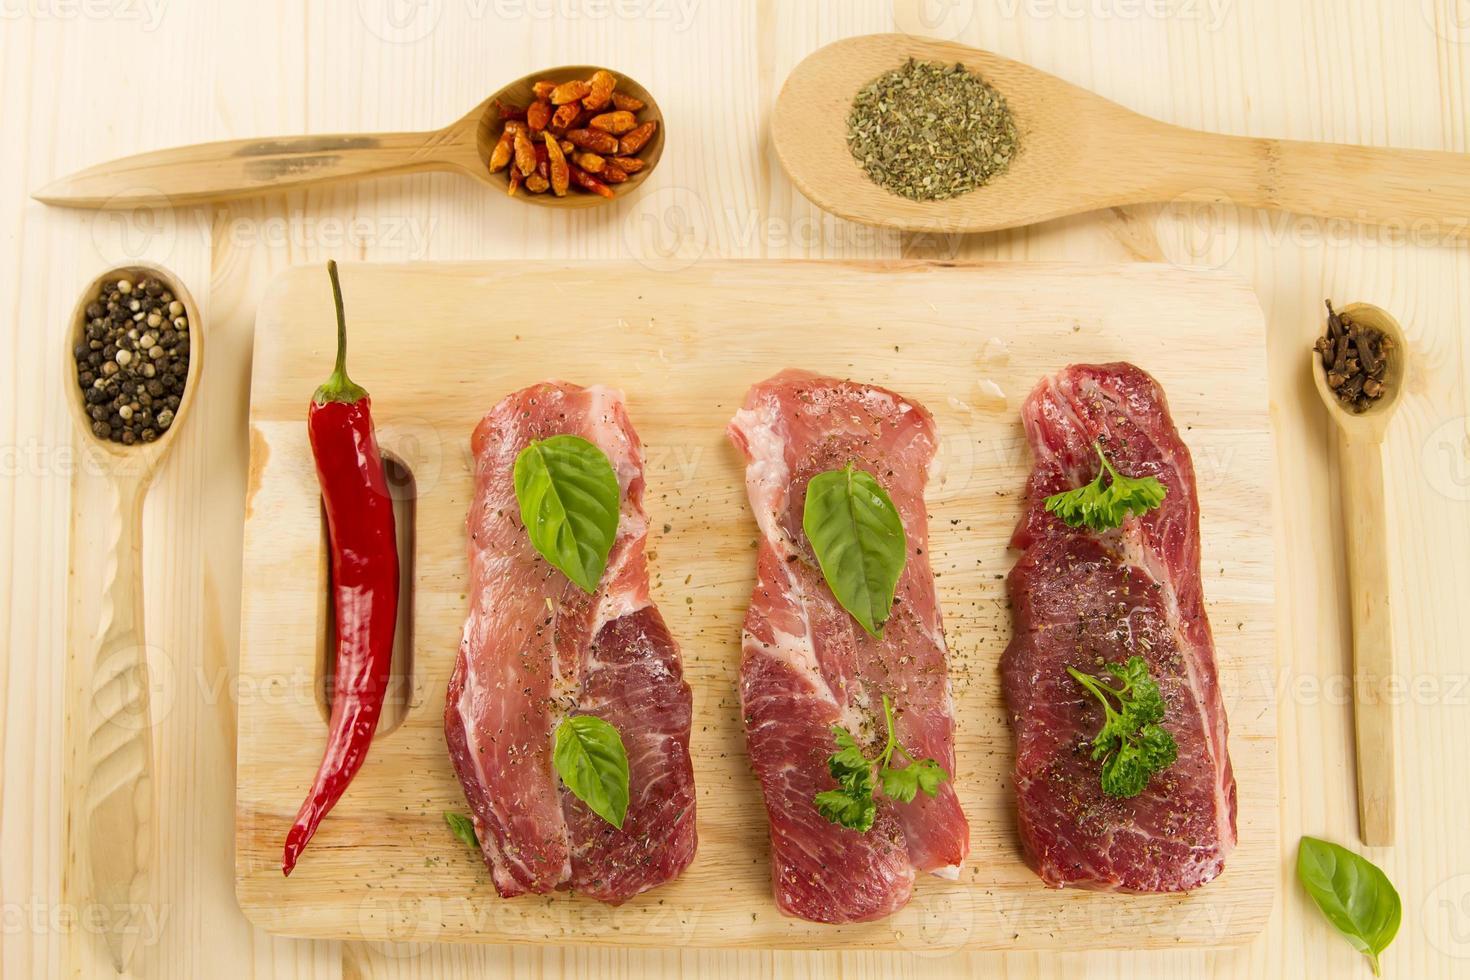 carne di maiale cruda fresca sul tagliere con spezie ed erbe aromatiche foto